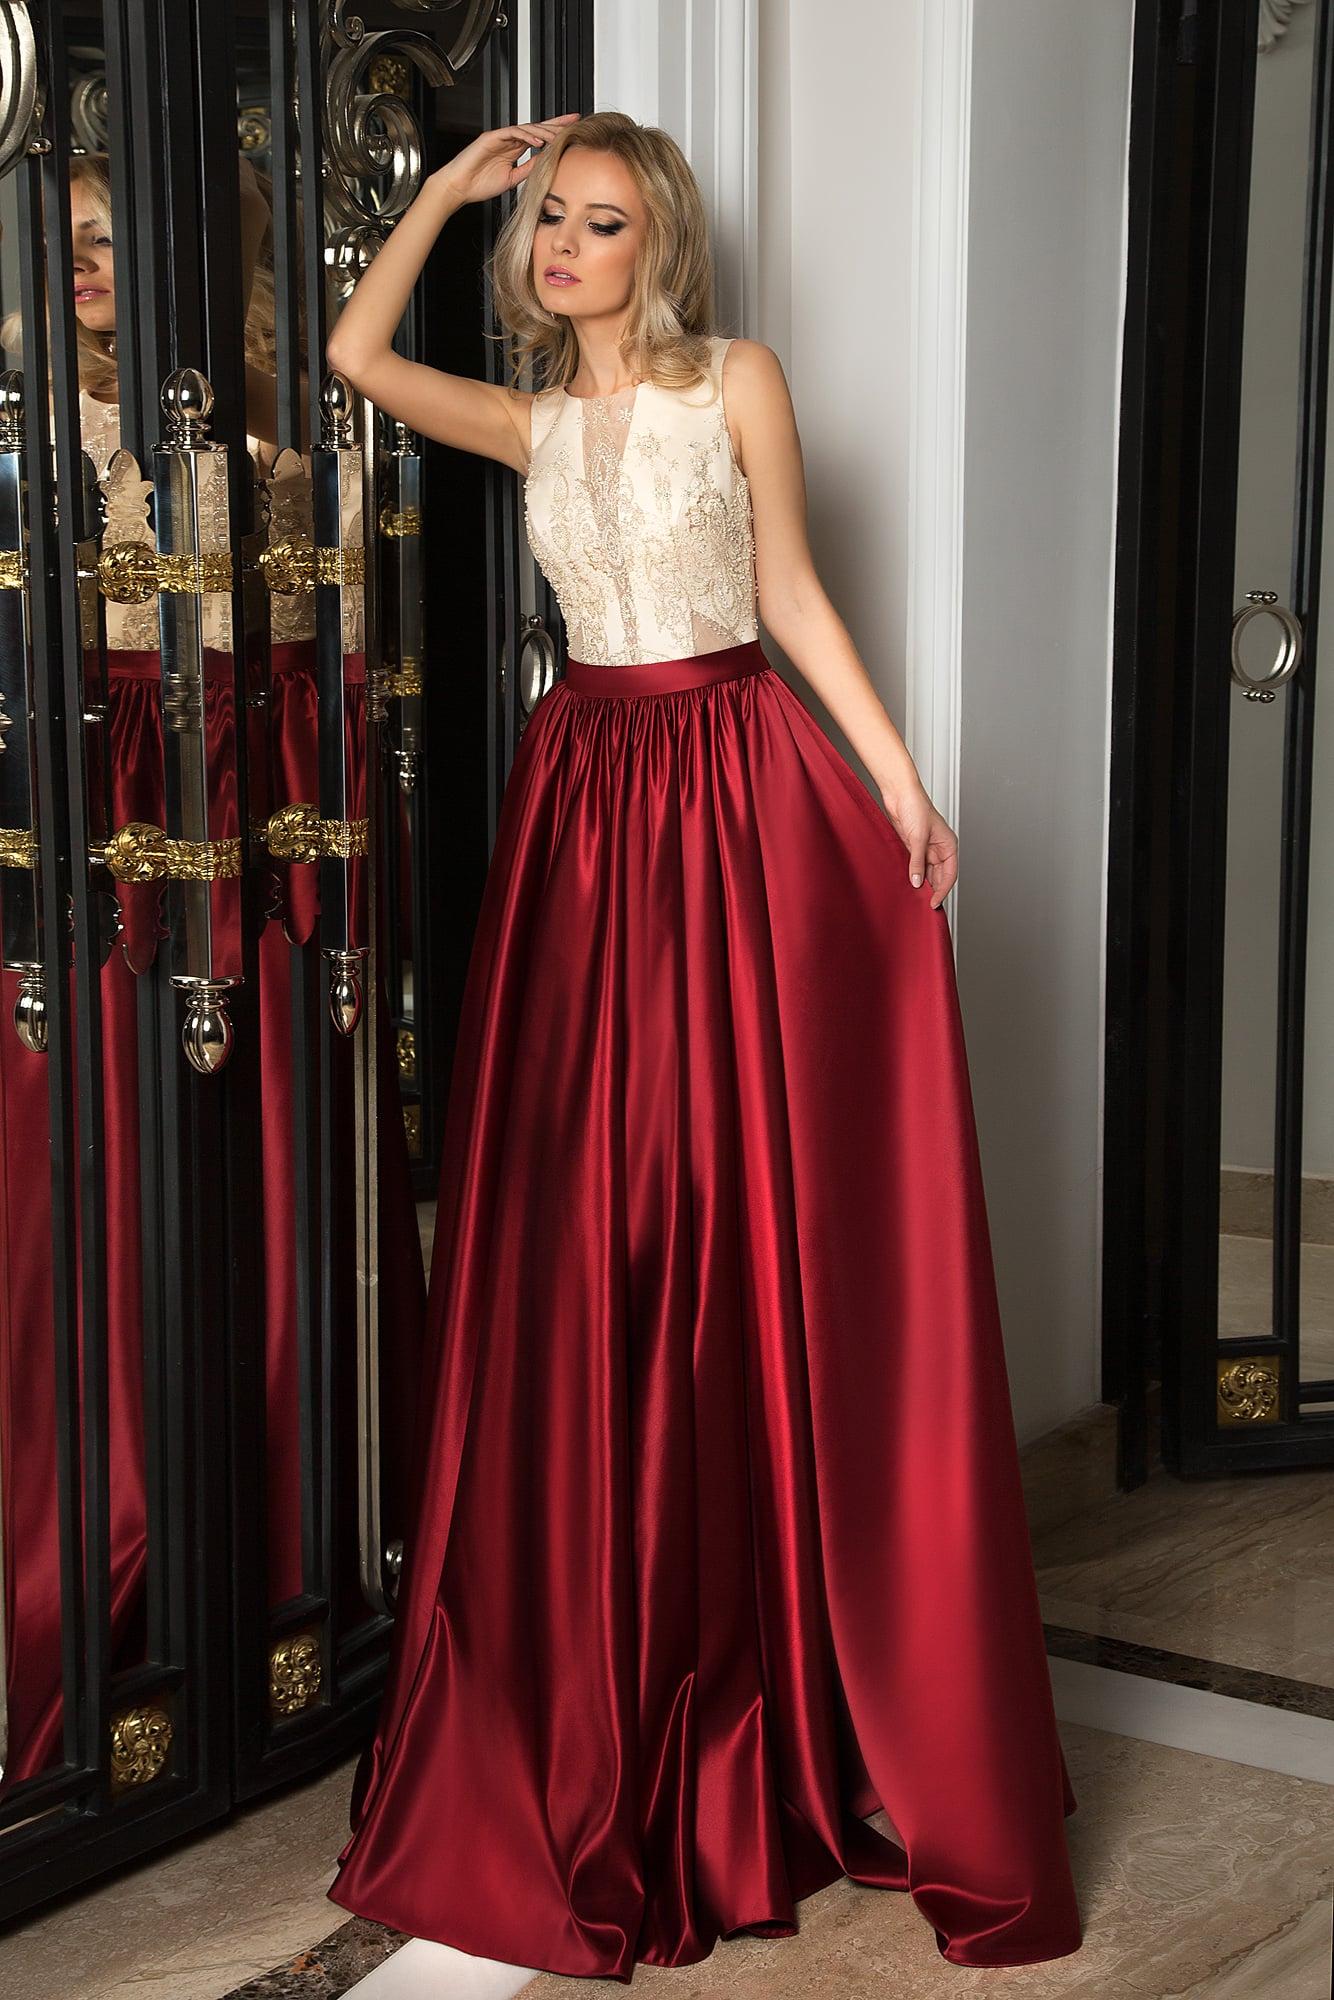 1c37bed5ef7 Вечернее платье Oksana Mukha 16-1054. 🔍. new. Стильное вечернее платье с  темно-красной юбкой и белым верхом